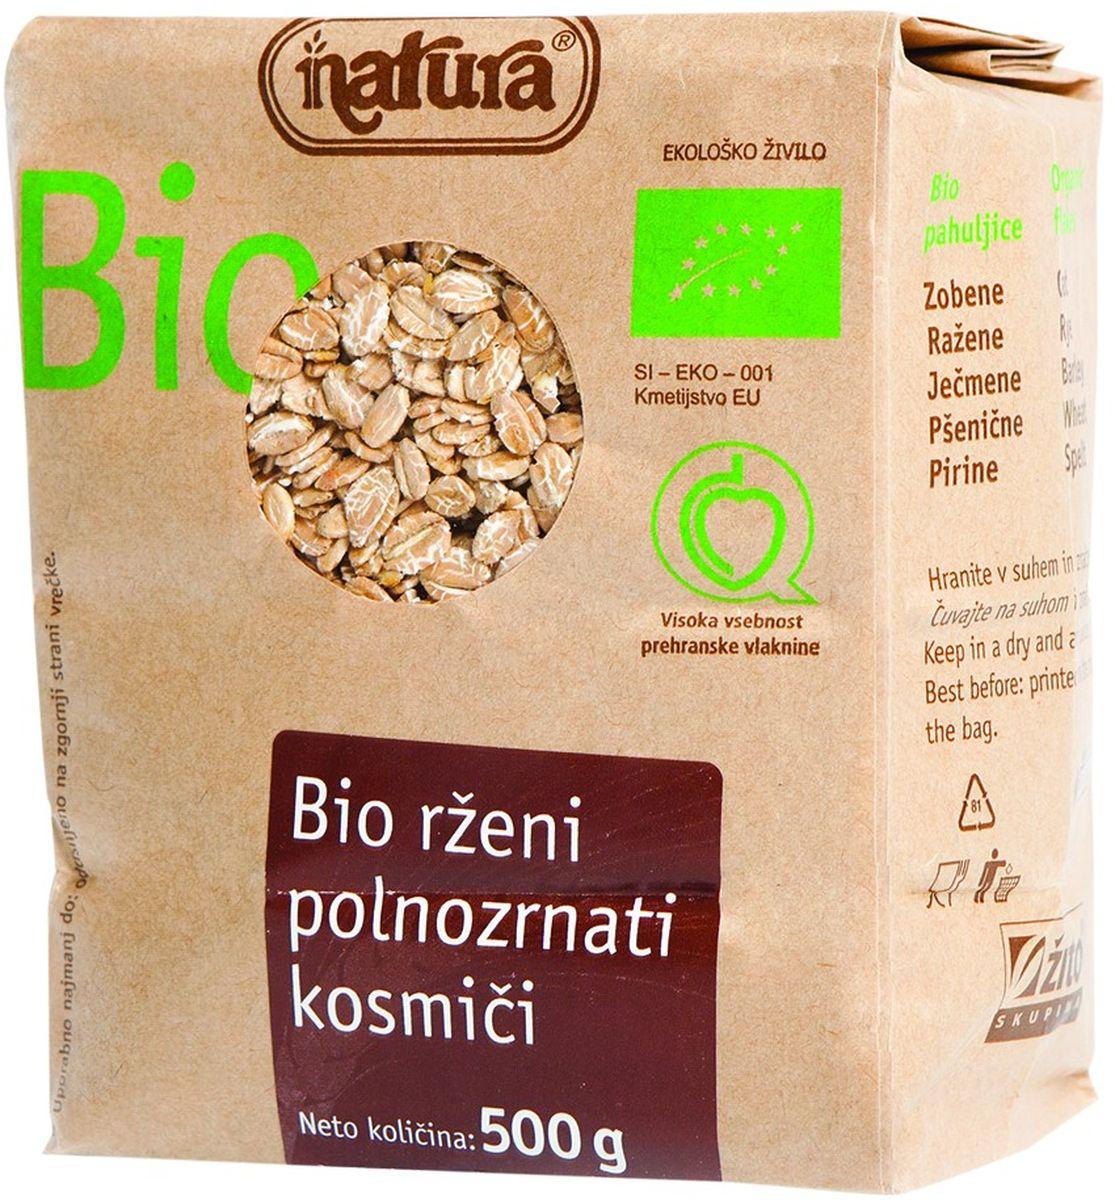 Zito Natura Bio Хлопья ржаные цельнозерновые, 500 г0120710Рожь – это злак родом из северной Европы. Он хорошо адаптируется и к регионам, менее подходящим для выращивания пшеницы.Органические продукты Natura имеют маркировку в соответствии с законодательством и европейскую экологическую маркировку сертифицированных органических продуктов питания, так как при их производстве не используются удобрения и распылители, запрещенные в органическом производстве и обработке. Органические продукты произведены под контролем SI - EKO - 001.Органические продукты Natura производятся в регионах, где природа пока еще живет своей жизнью. Они попадают на полки магазинов и на столы людей, выбирающих здоровое питание, в той же форме, в которой их создала природа: натуральными, питательными и здоровыми. Разнообразные натуральные зерна и семена обладают всеми свойствами злаков, полностью сохраняя, таким образом, свои полезные качества.